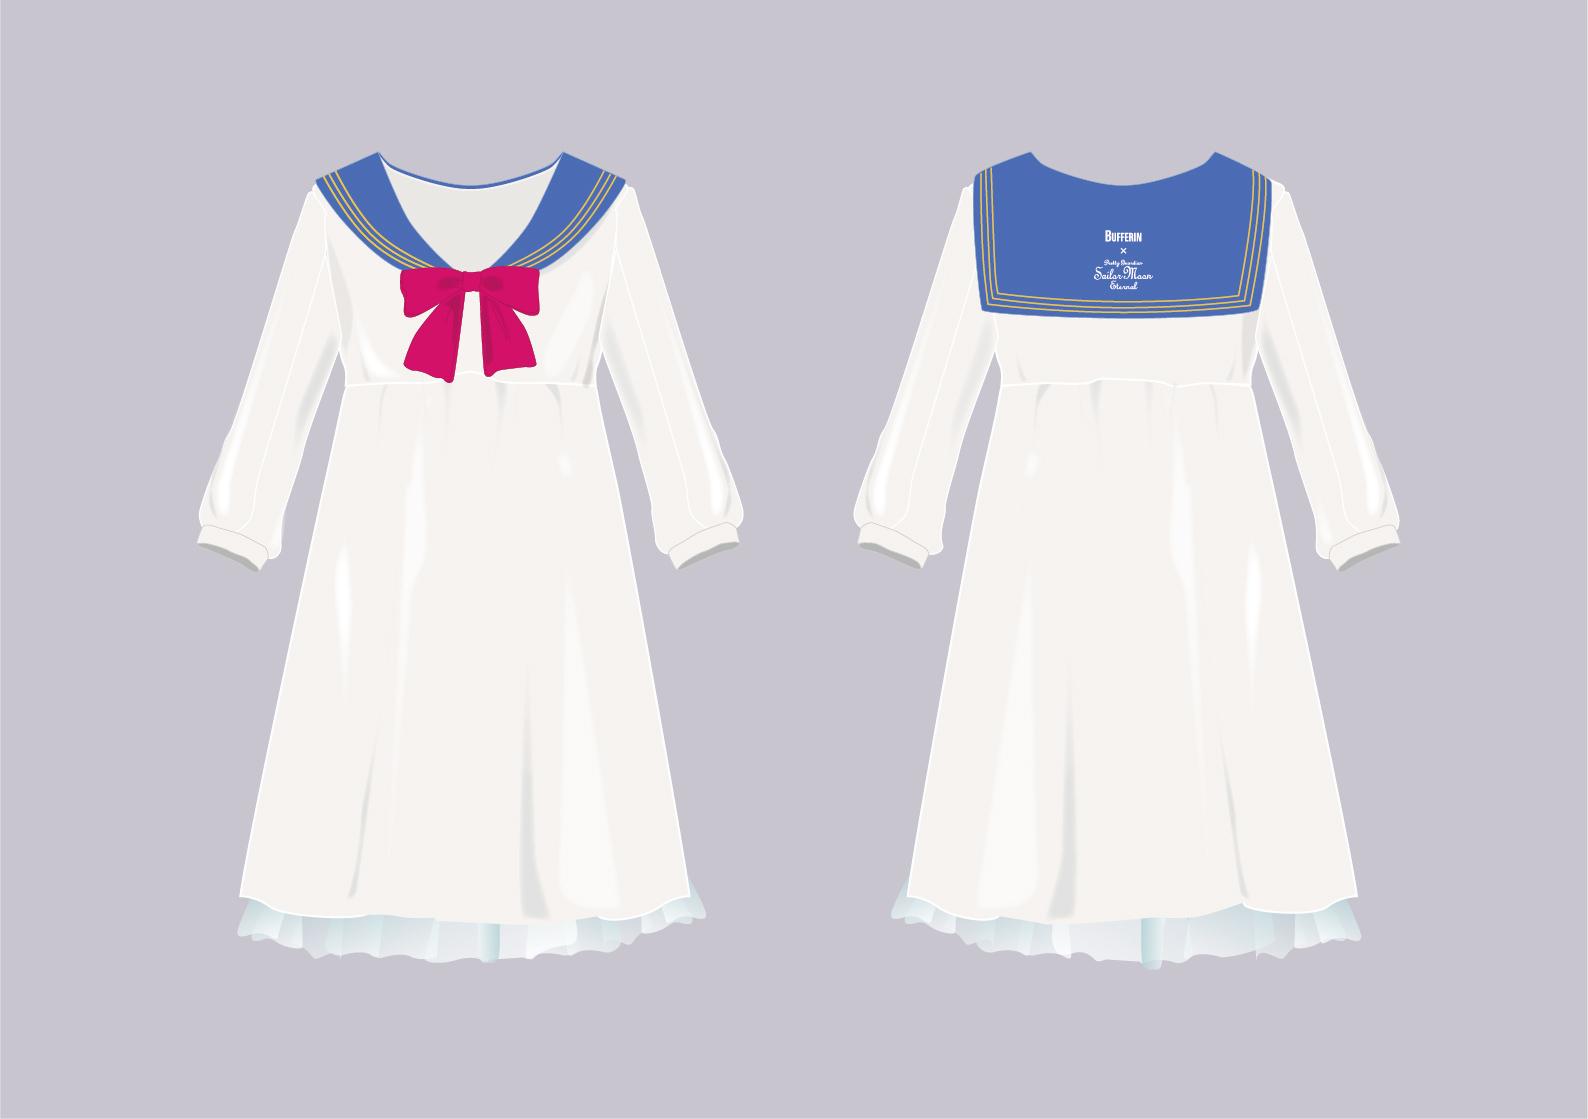 スーパーセーラームーンルームウェア(フリーサイズ:総丈 101 ㎝/袖丈 59 ㎝/肩巾 42 ㎝/バスト 100 ㎝) ※画像はイメージです。 ※景品の仕様やサイズは予告なく変更される場合があります。 (C)Naoko Takeuchi (C)武内直子・PNP/劇場版「美少女戦士セーラームーン Eternal」製作委員会